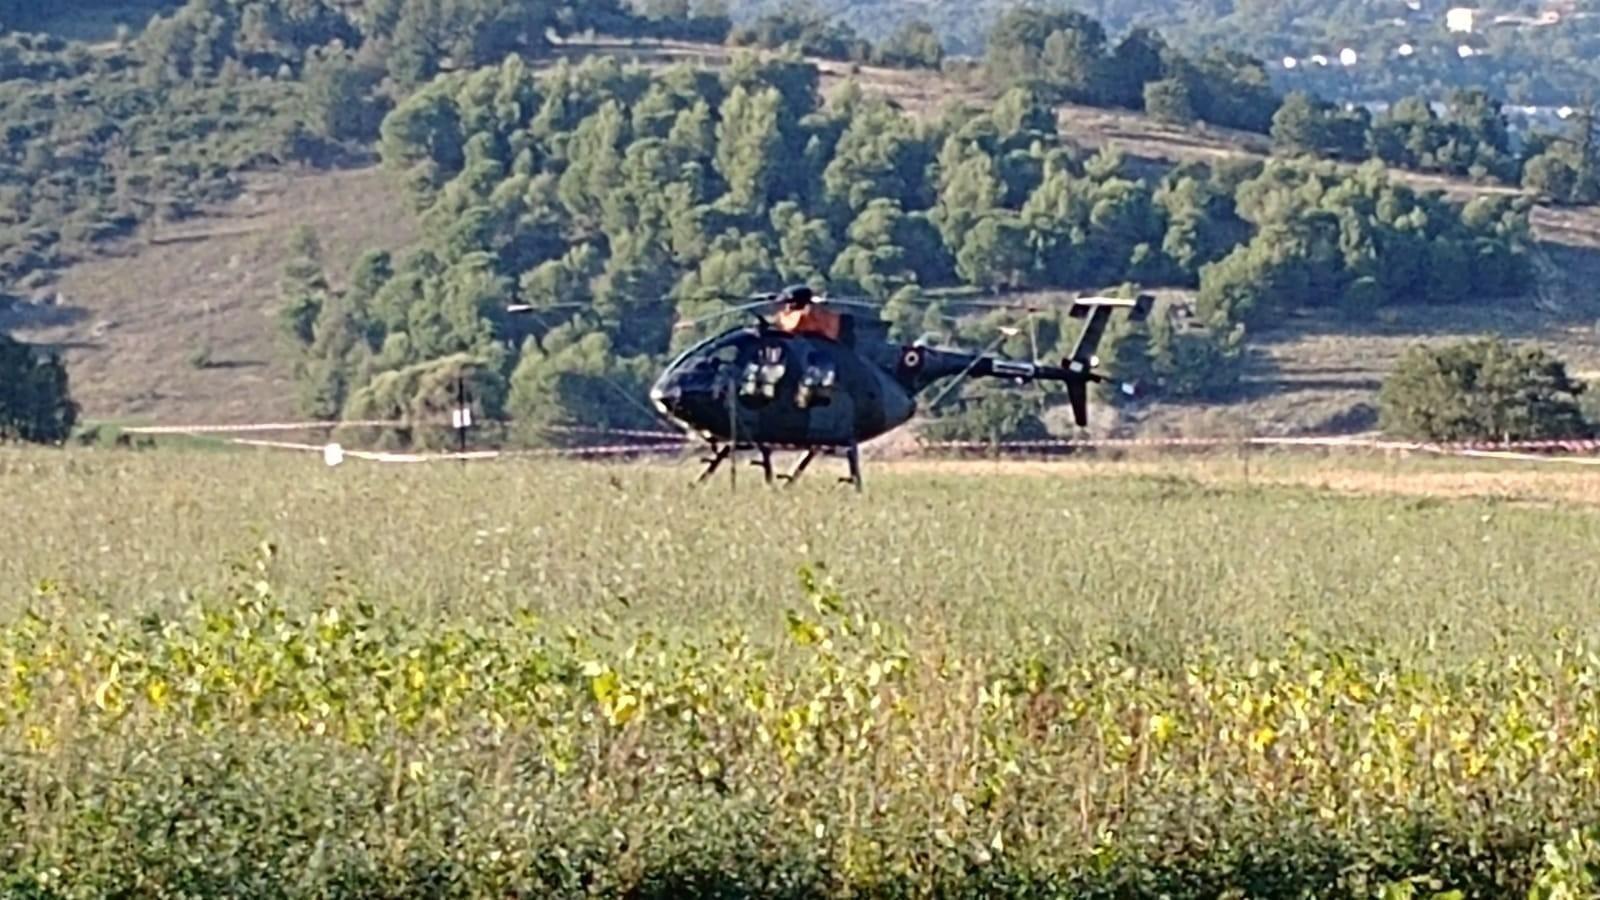 Un Elicottero : Fumone atterraggio di emergenza di un elicottero militare ecco